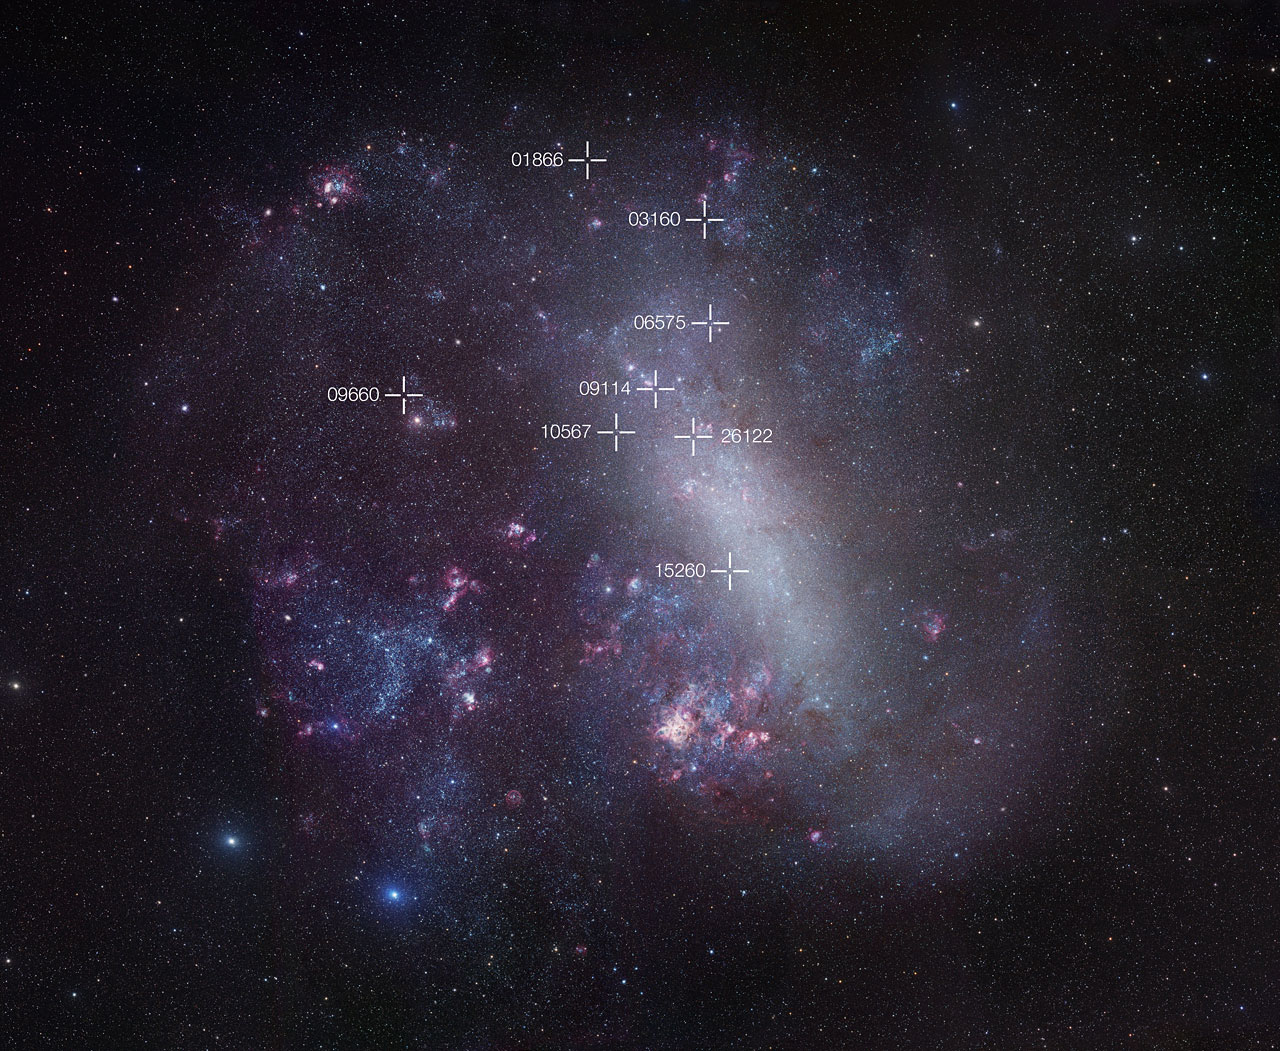 Kosmisch meetlint nauwkeuriger dan ooit tevoren dankzij dubbelsterren in Grote Magelhaense Wolk